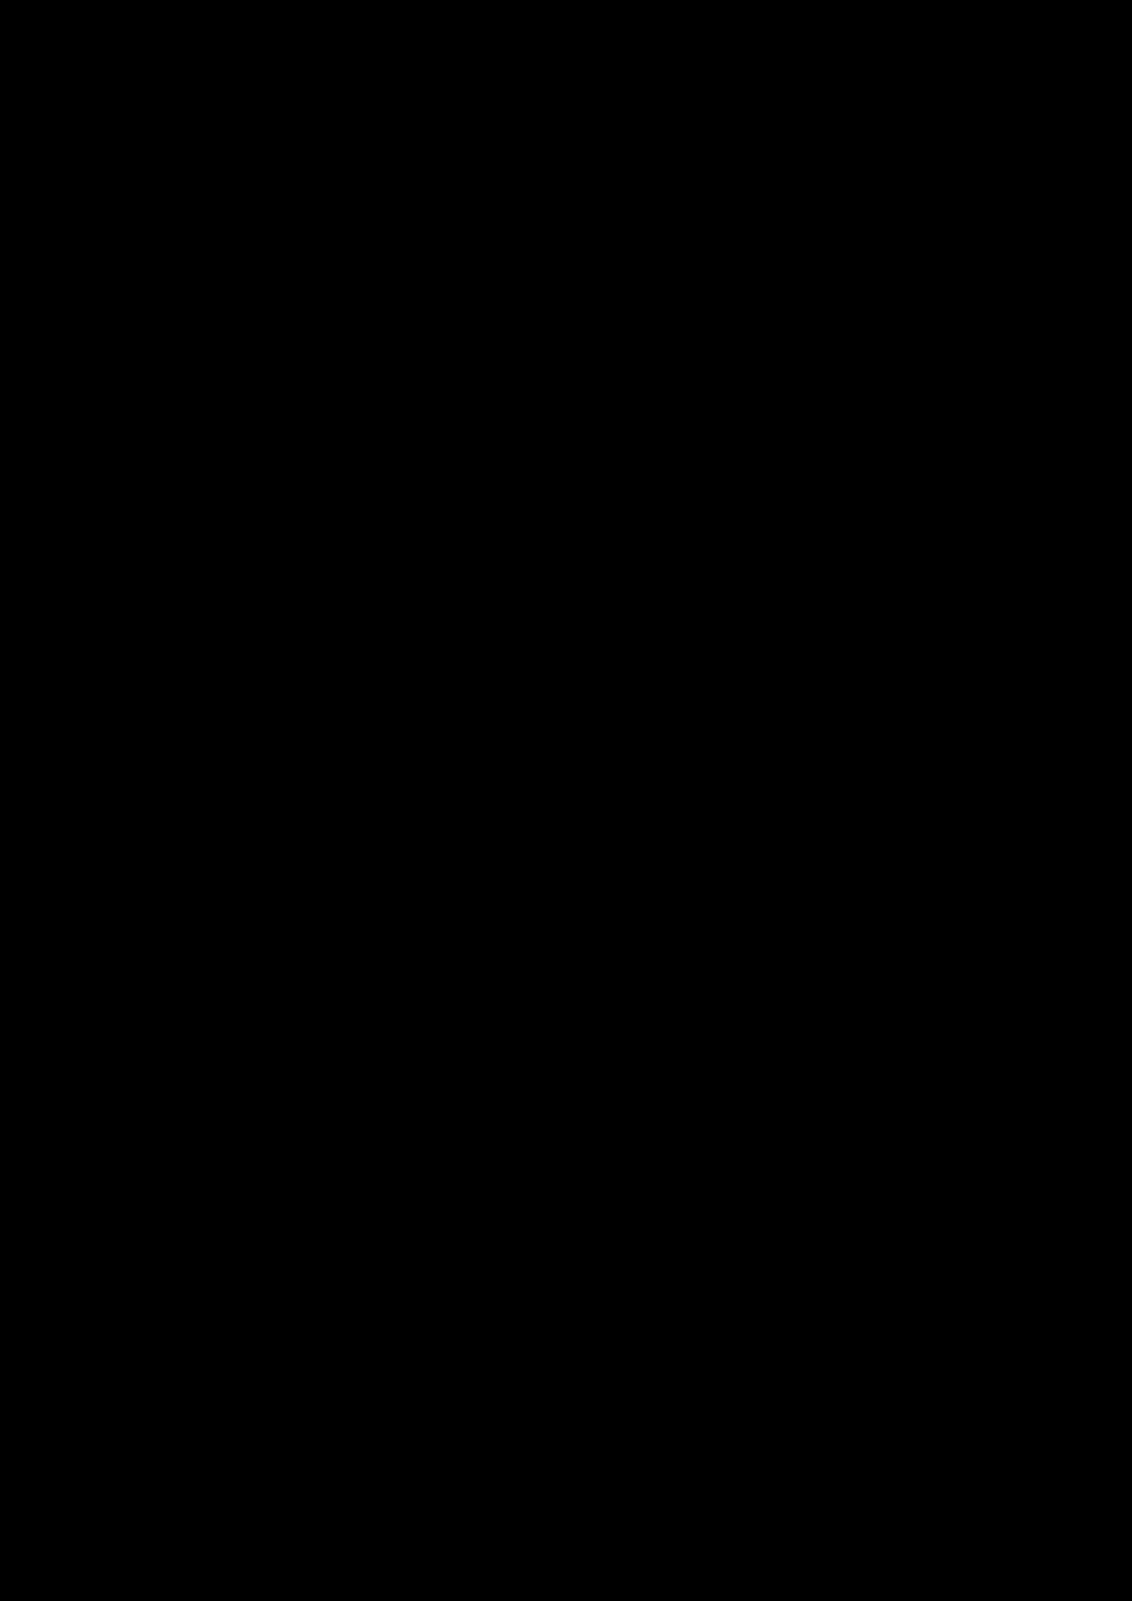 Zagadka volshebnoy stranyi slide, Image 102